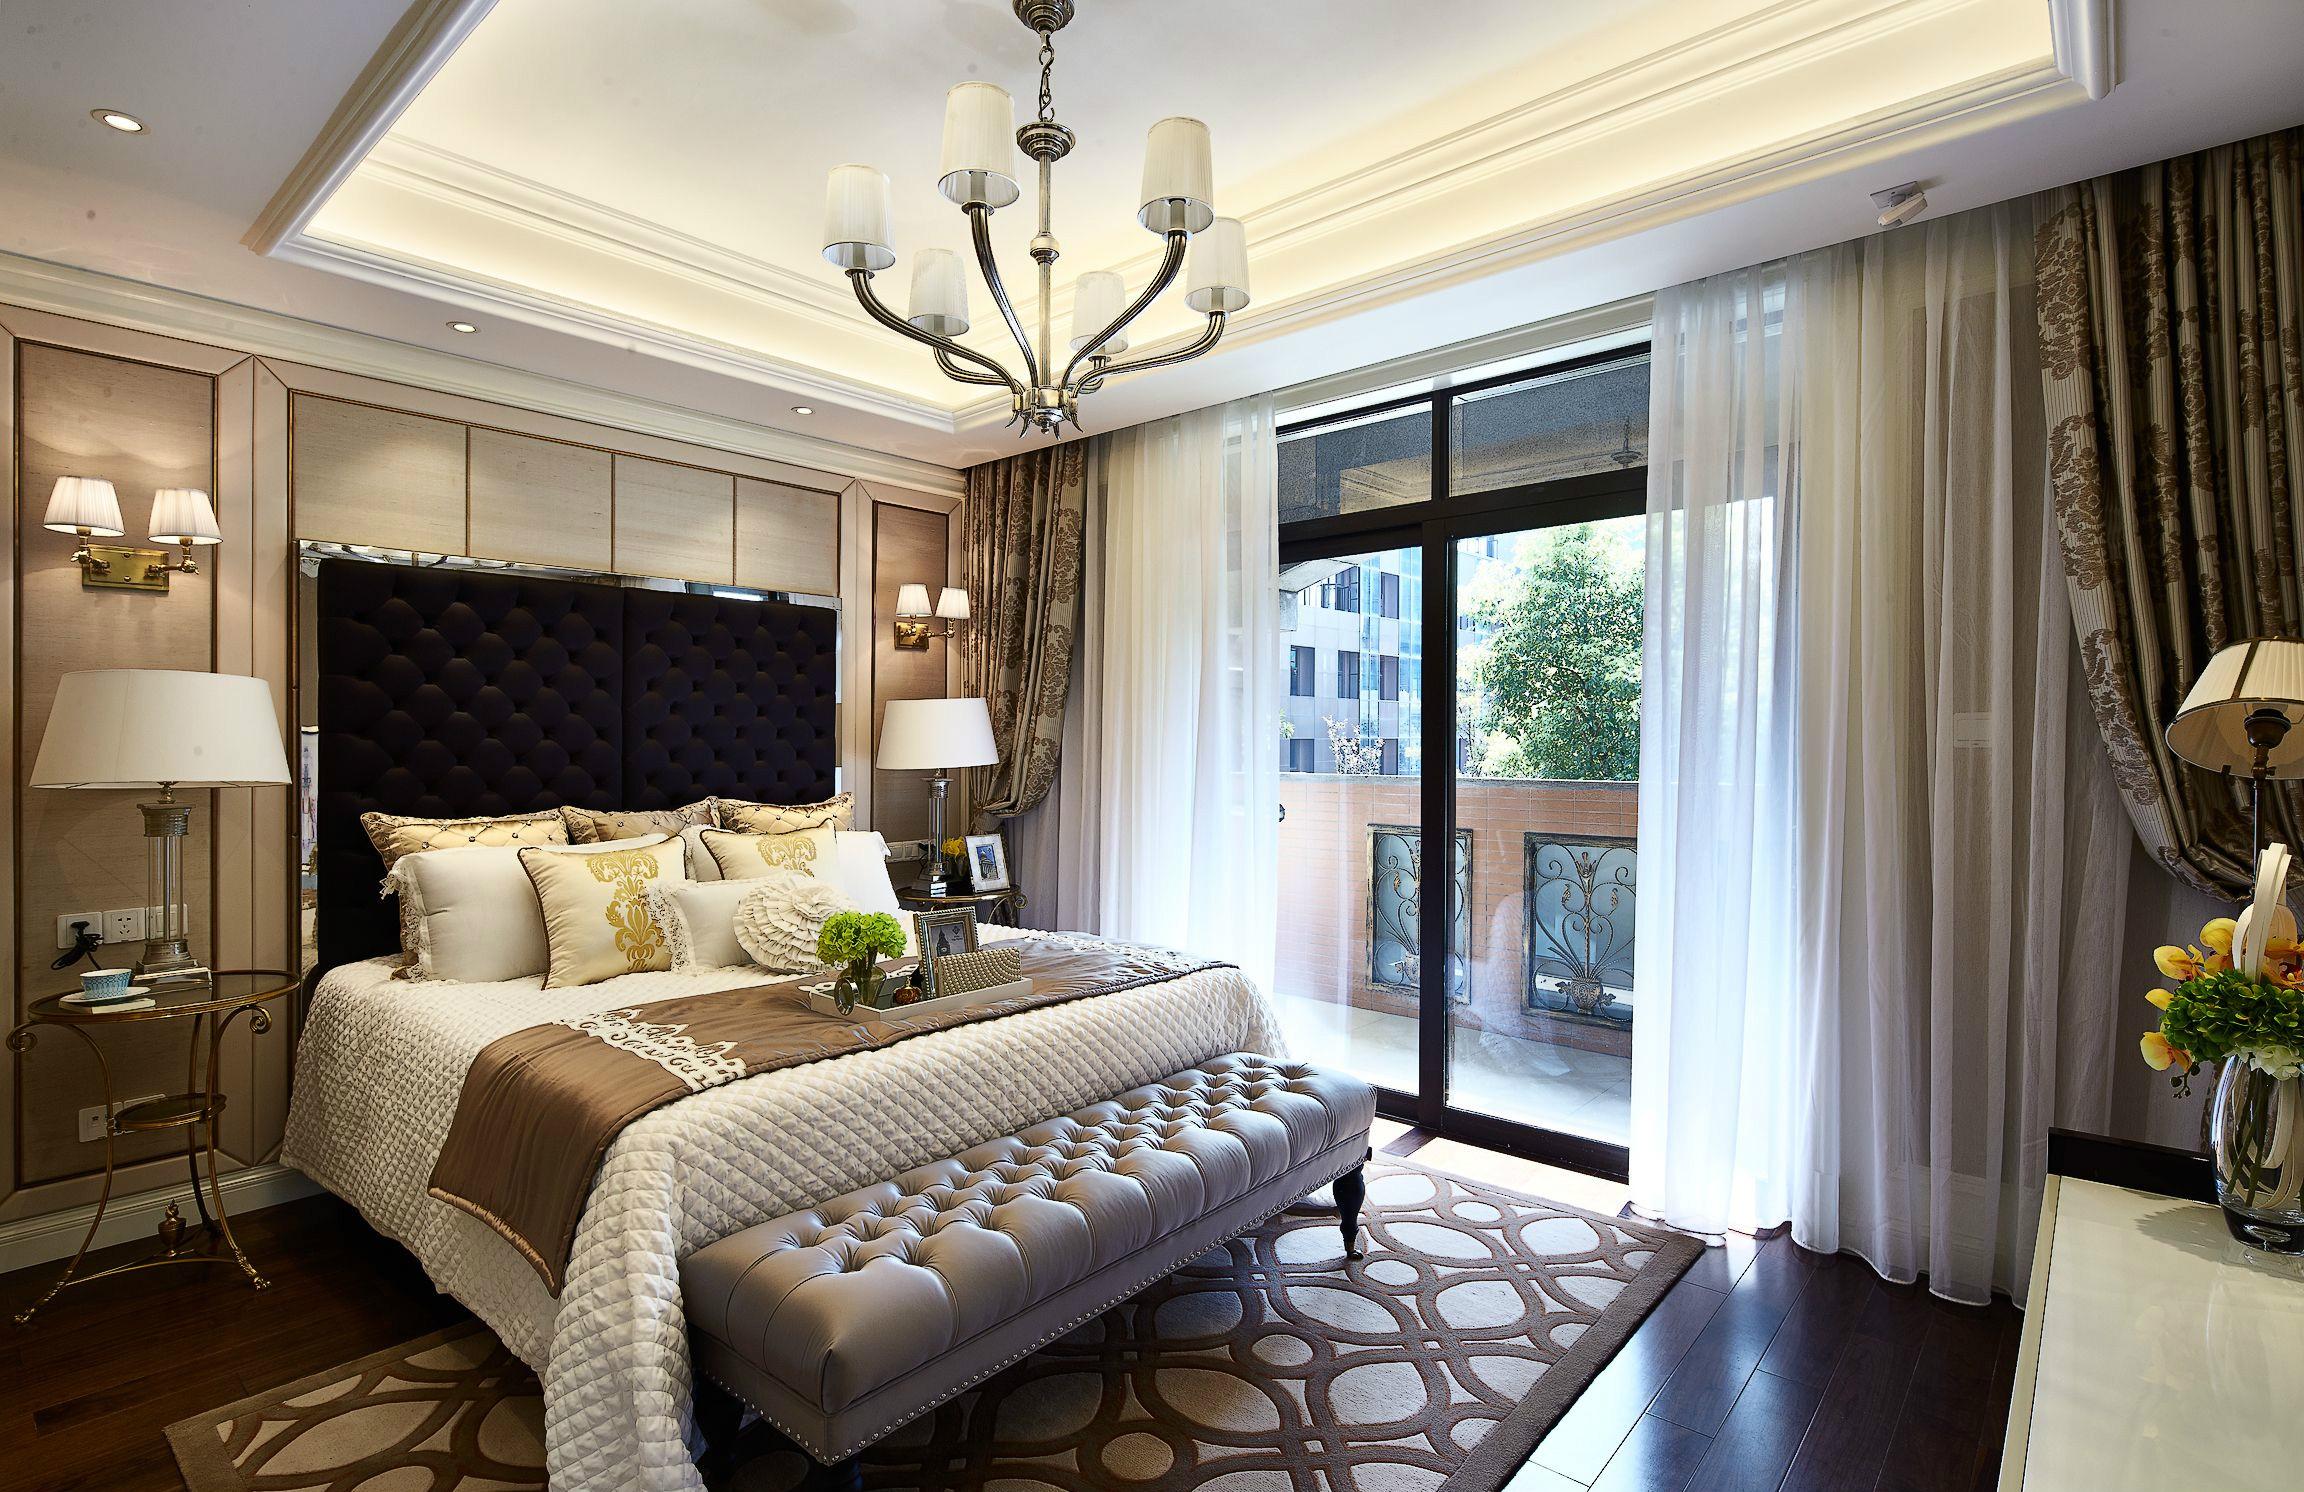 主卧整个空间透漏出温馨舒适的氛围,米色,棕色和黑色的色调递进,让空间整洁有序,安稳宁心。